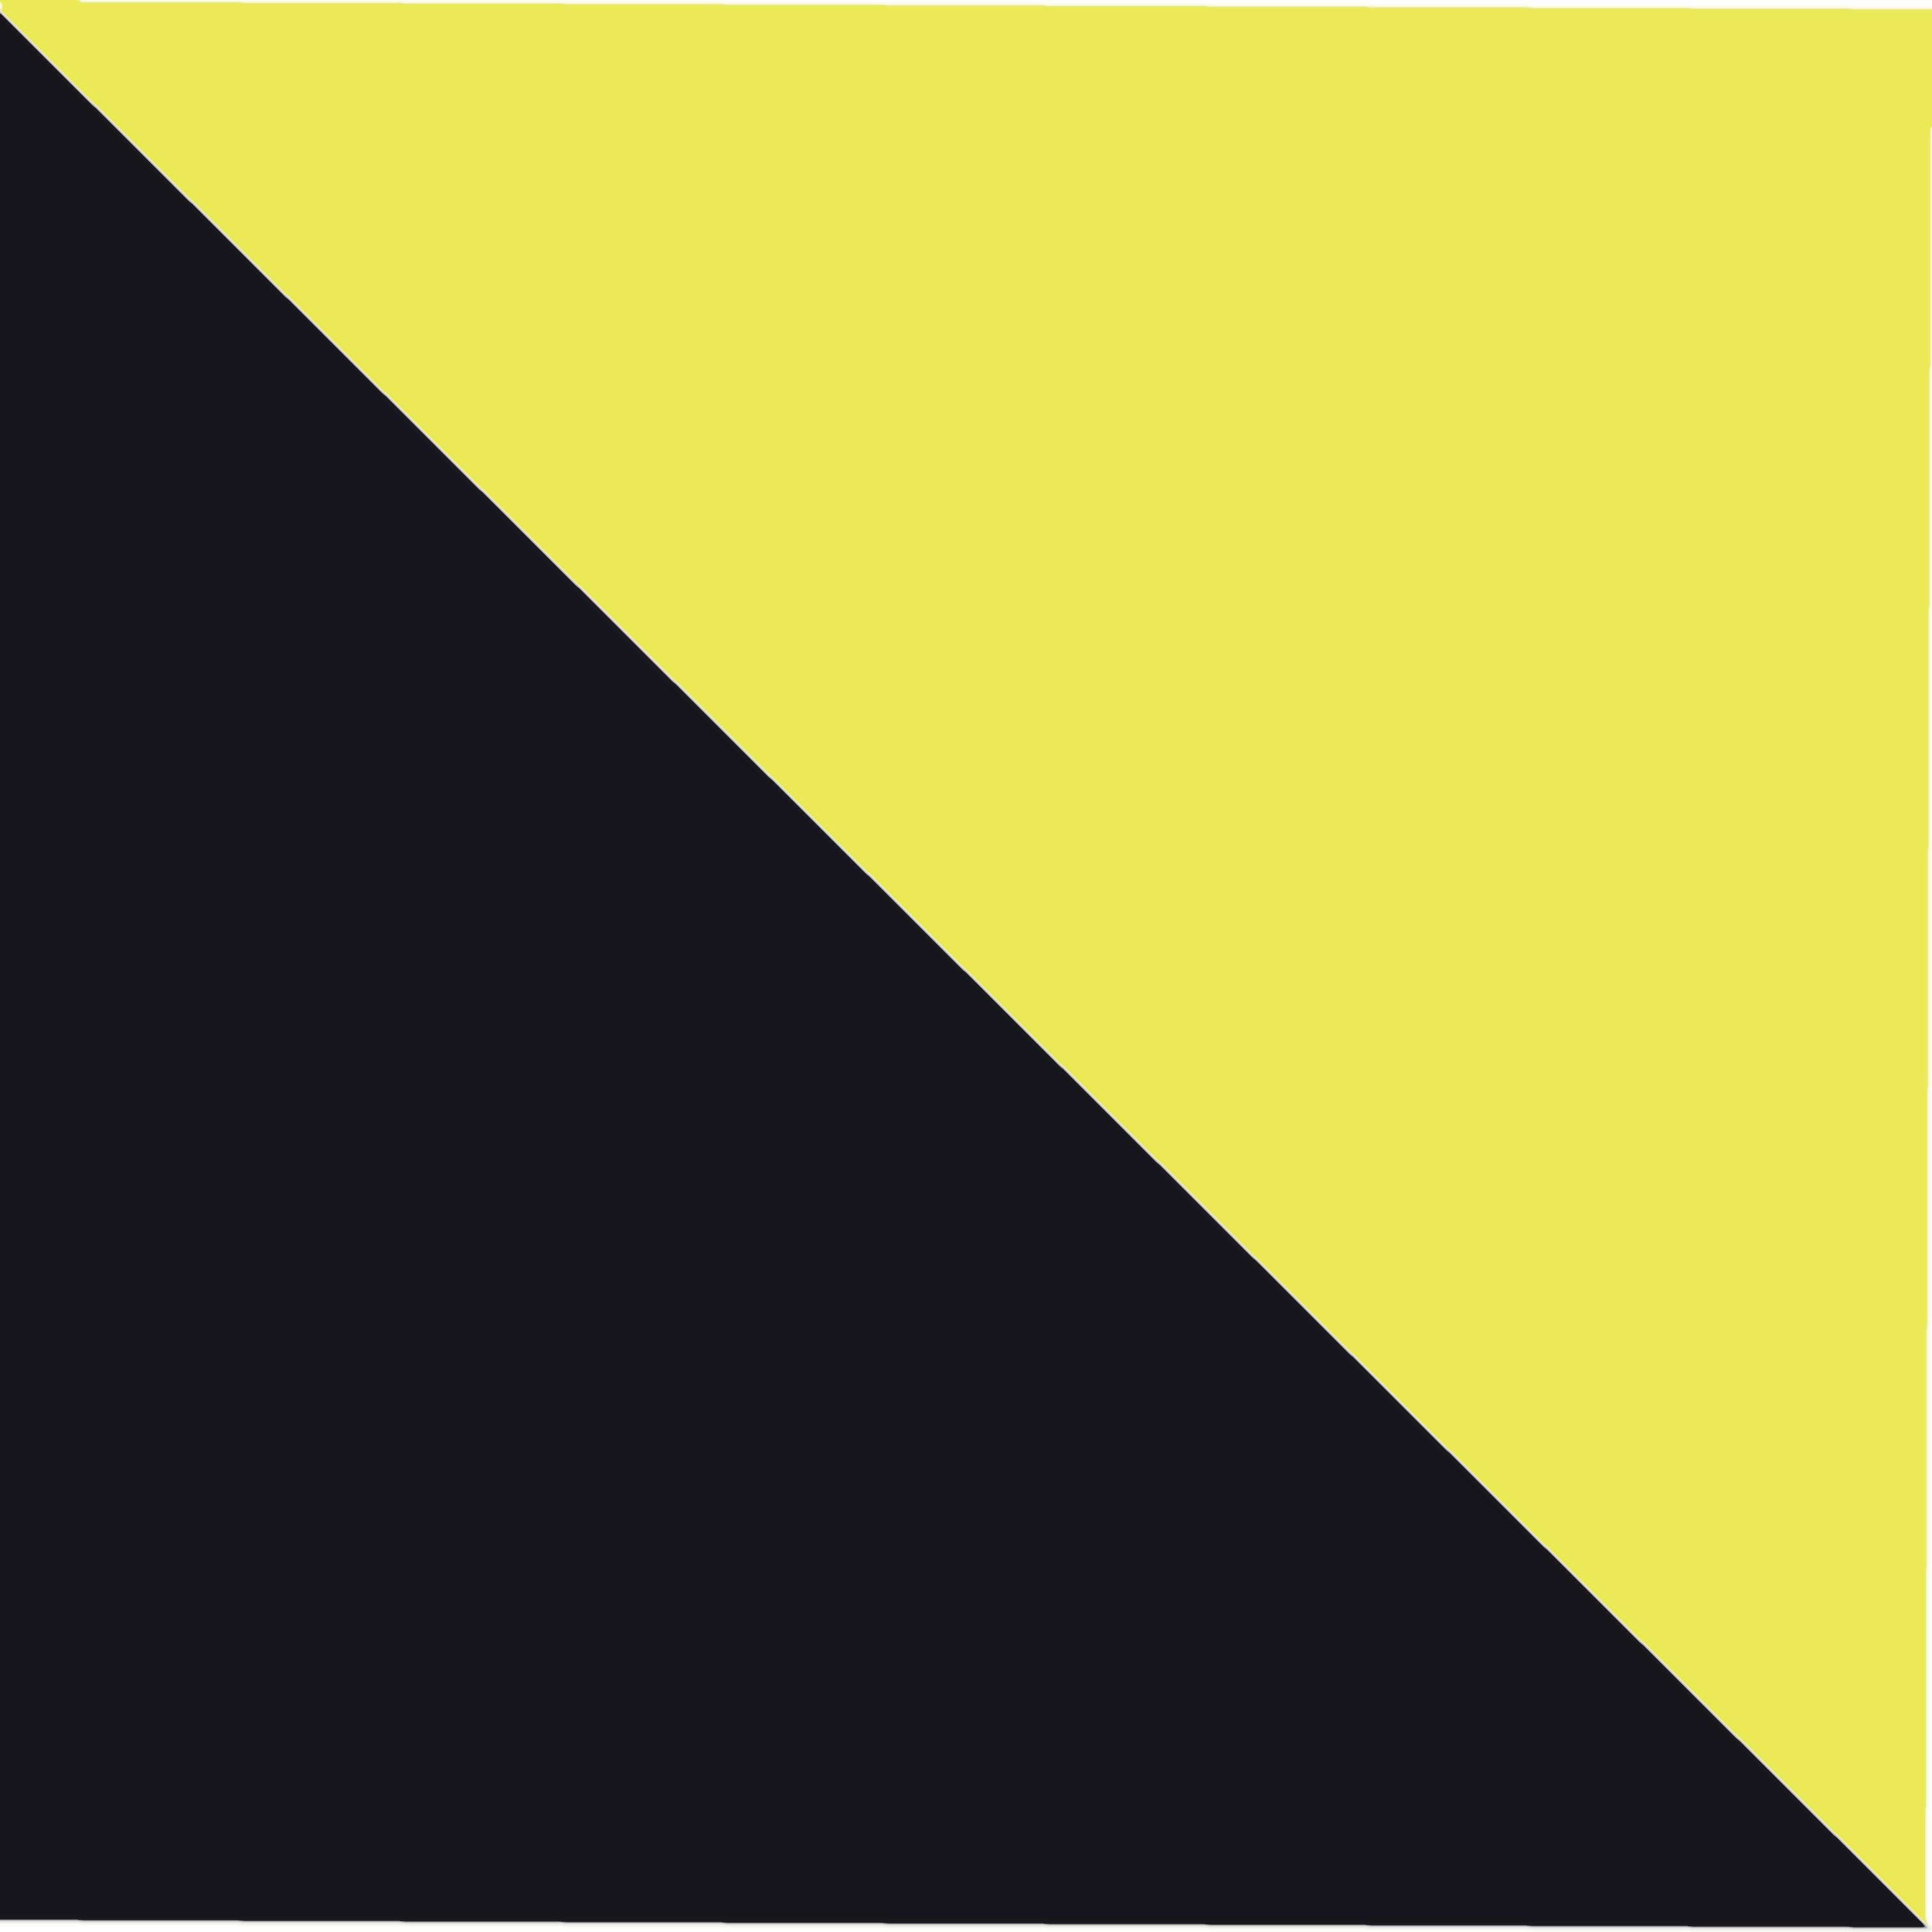 Černé se žlutým proužkem